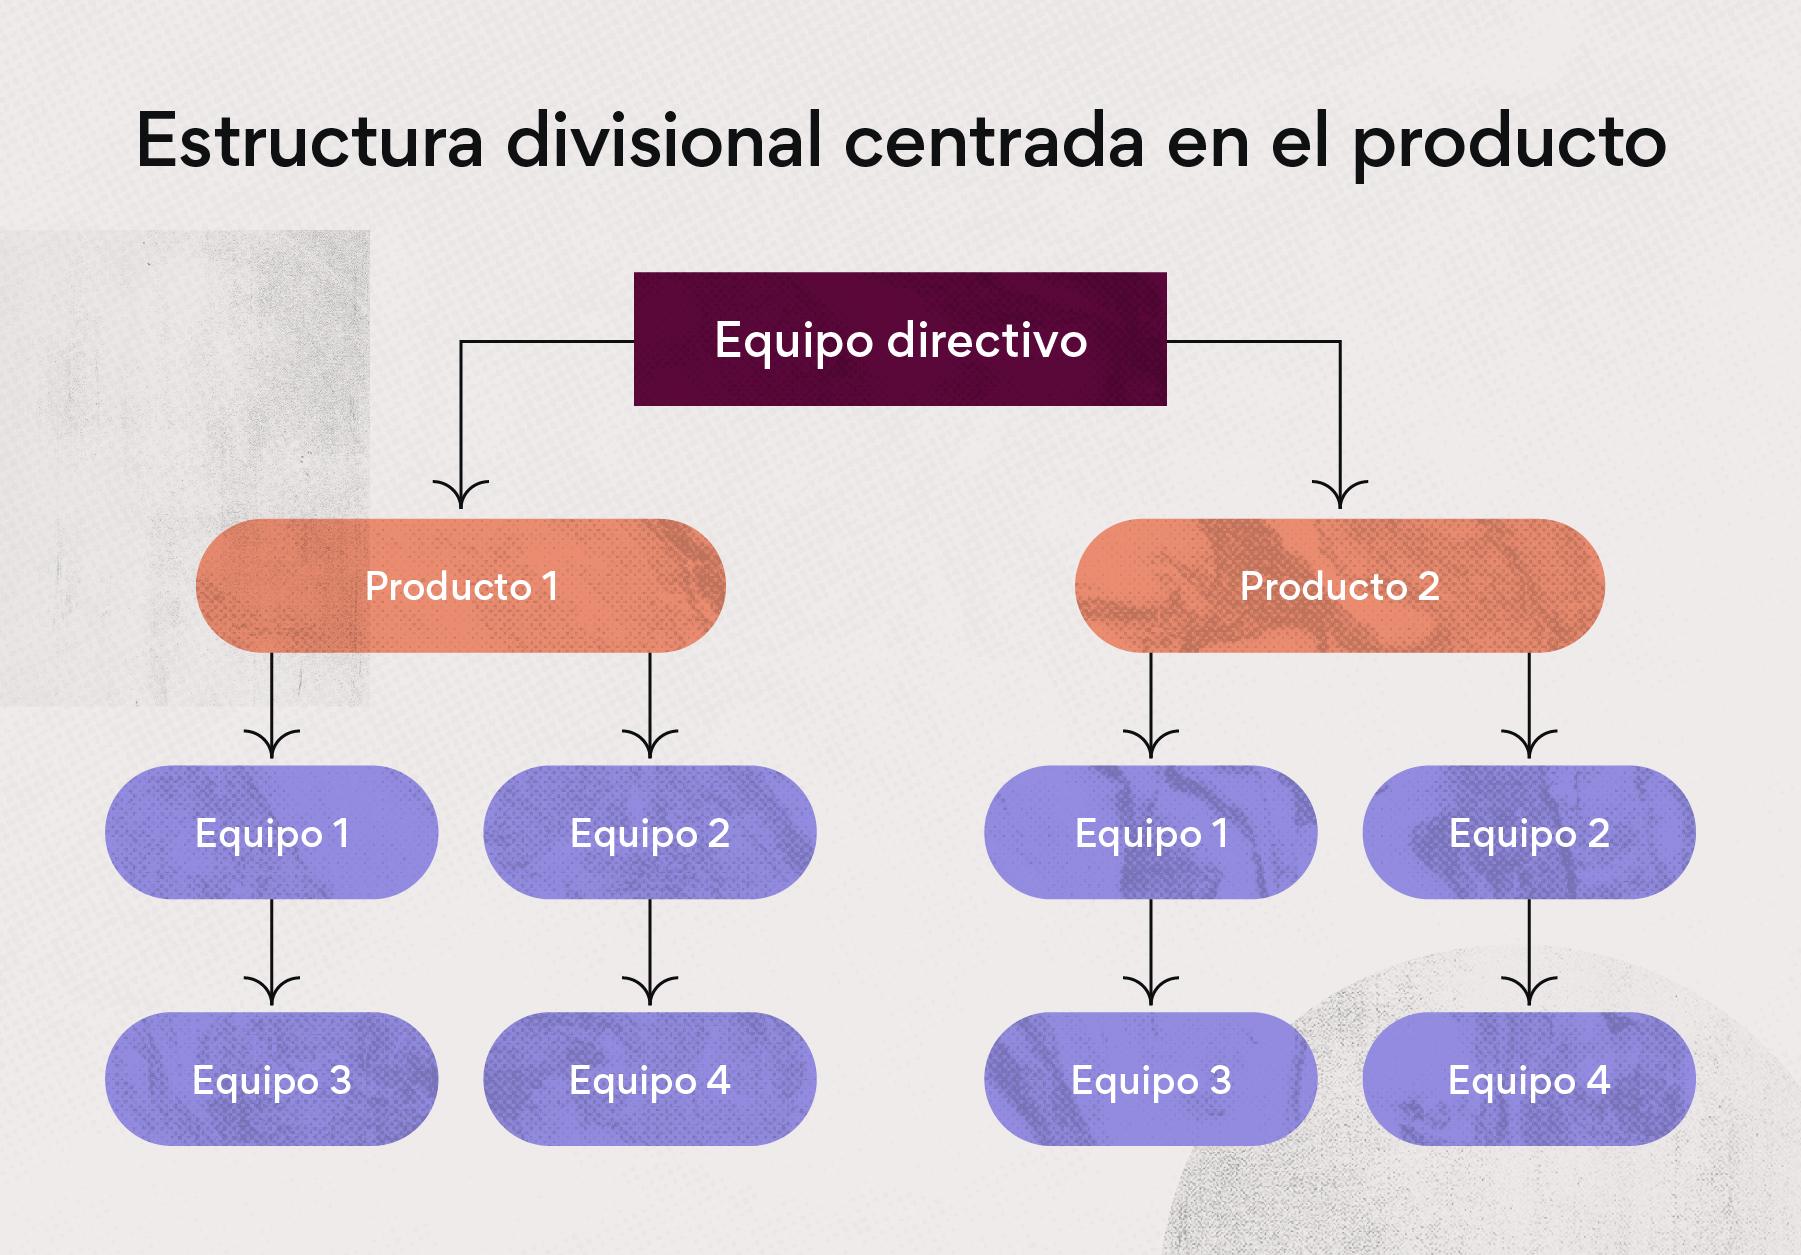 Estructura divisional centrada en el producto